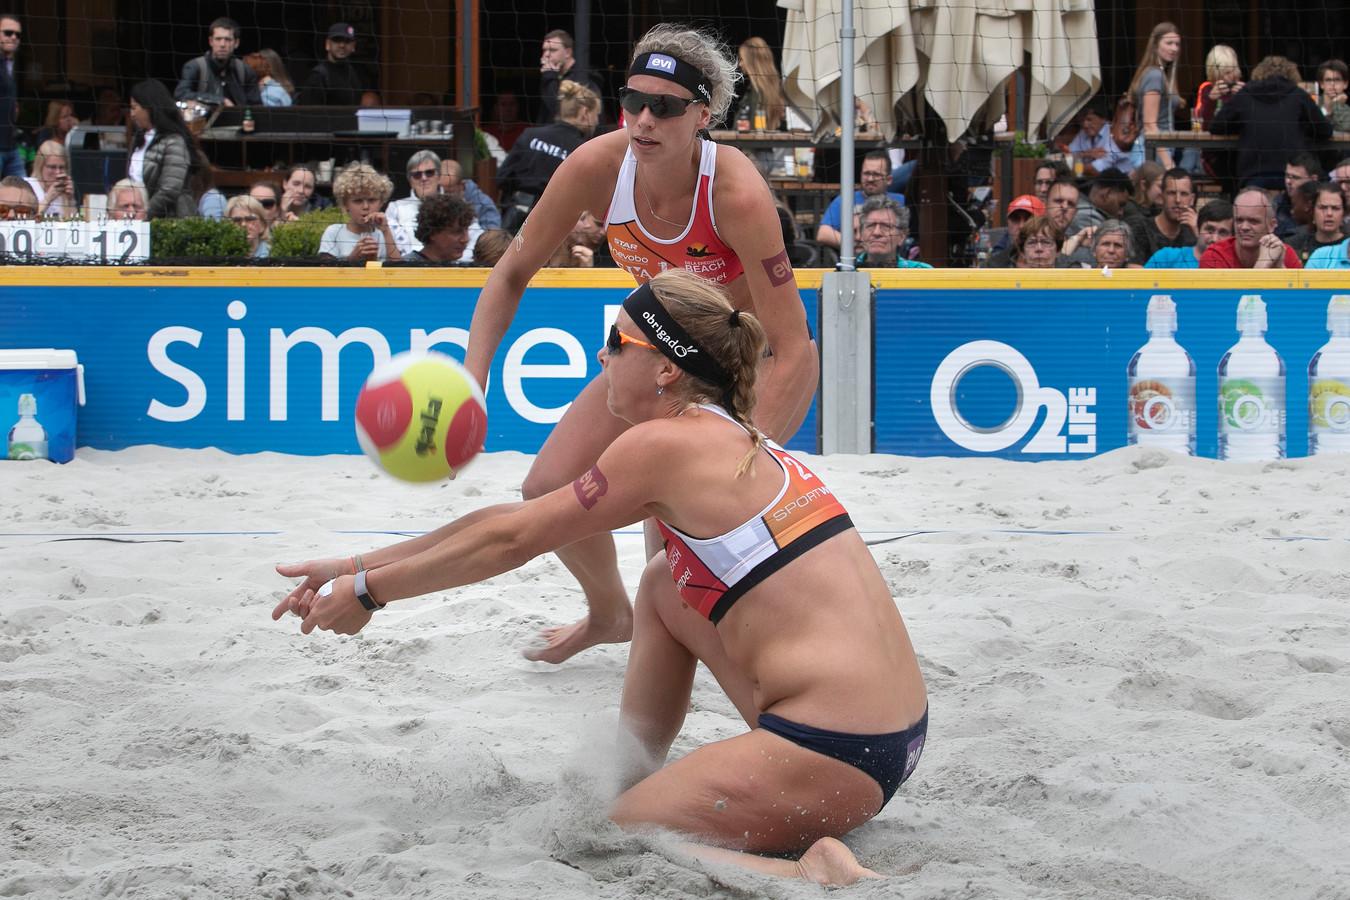 Damesfinale van de eredivisie beachvolleybal in Eindhoven.